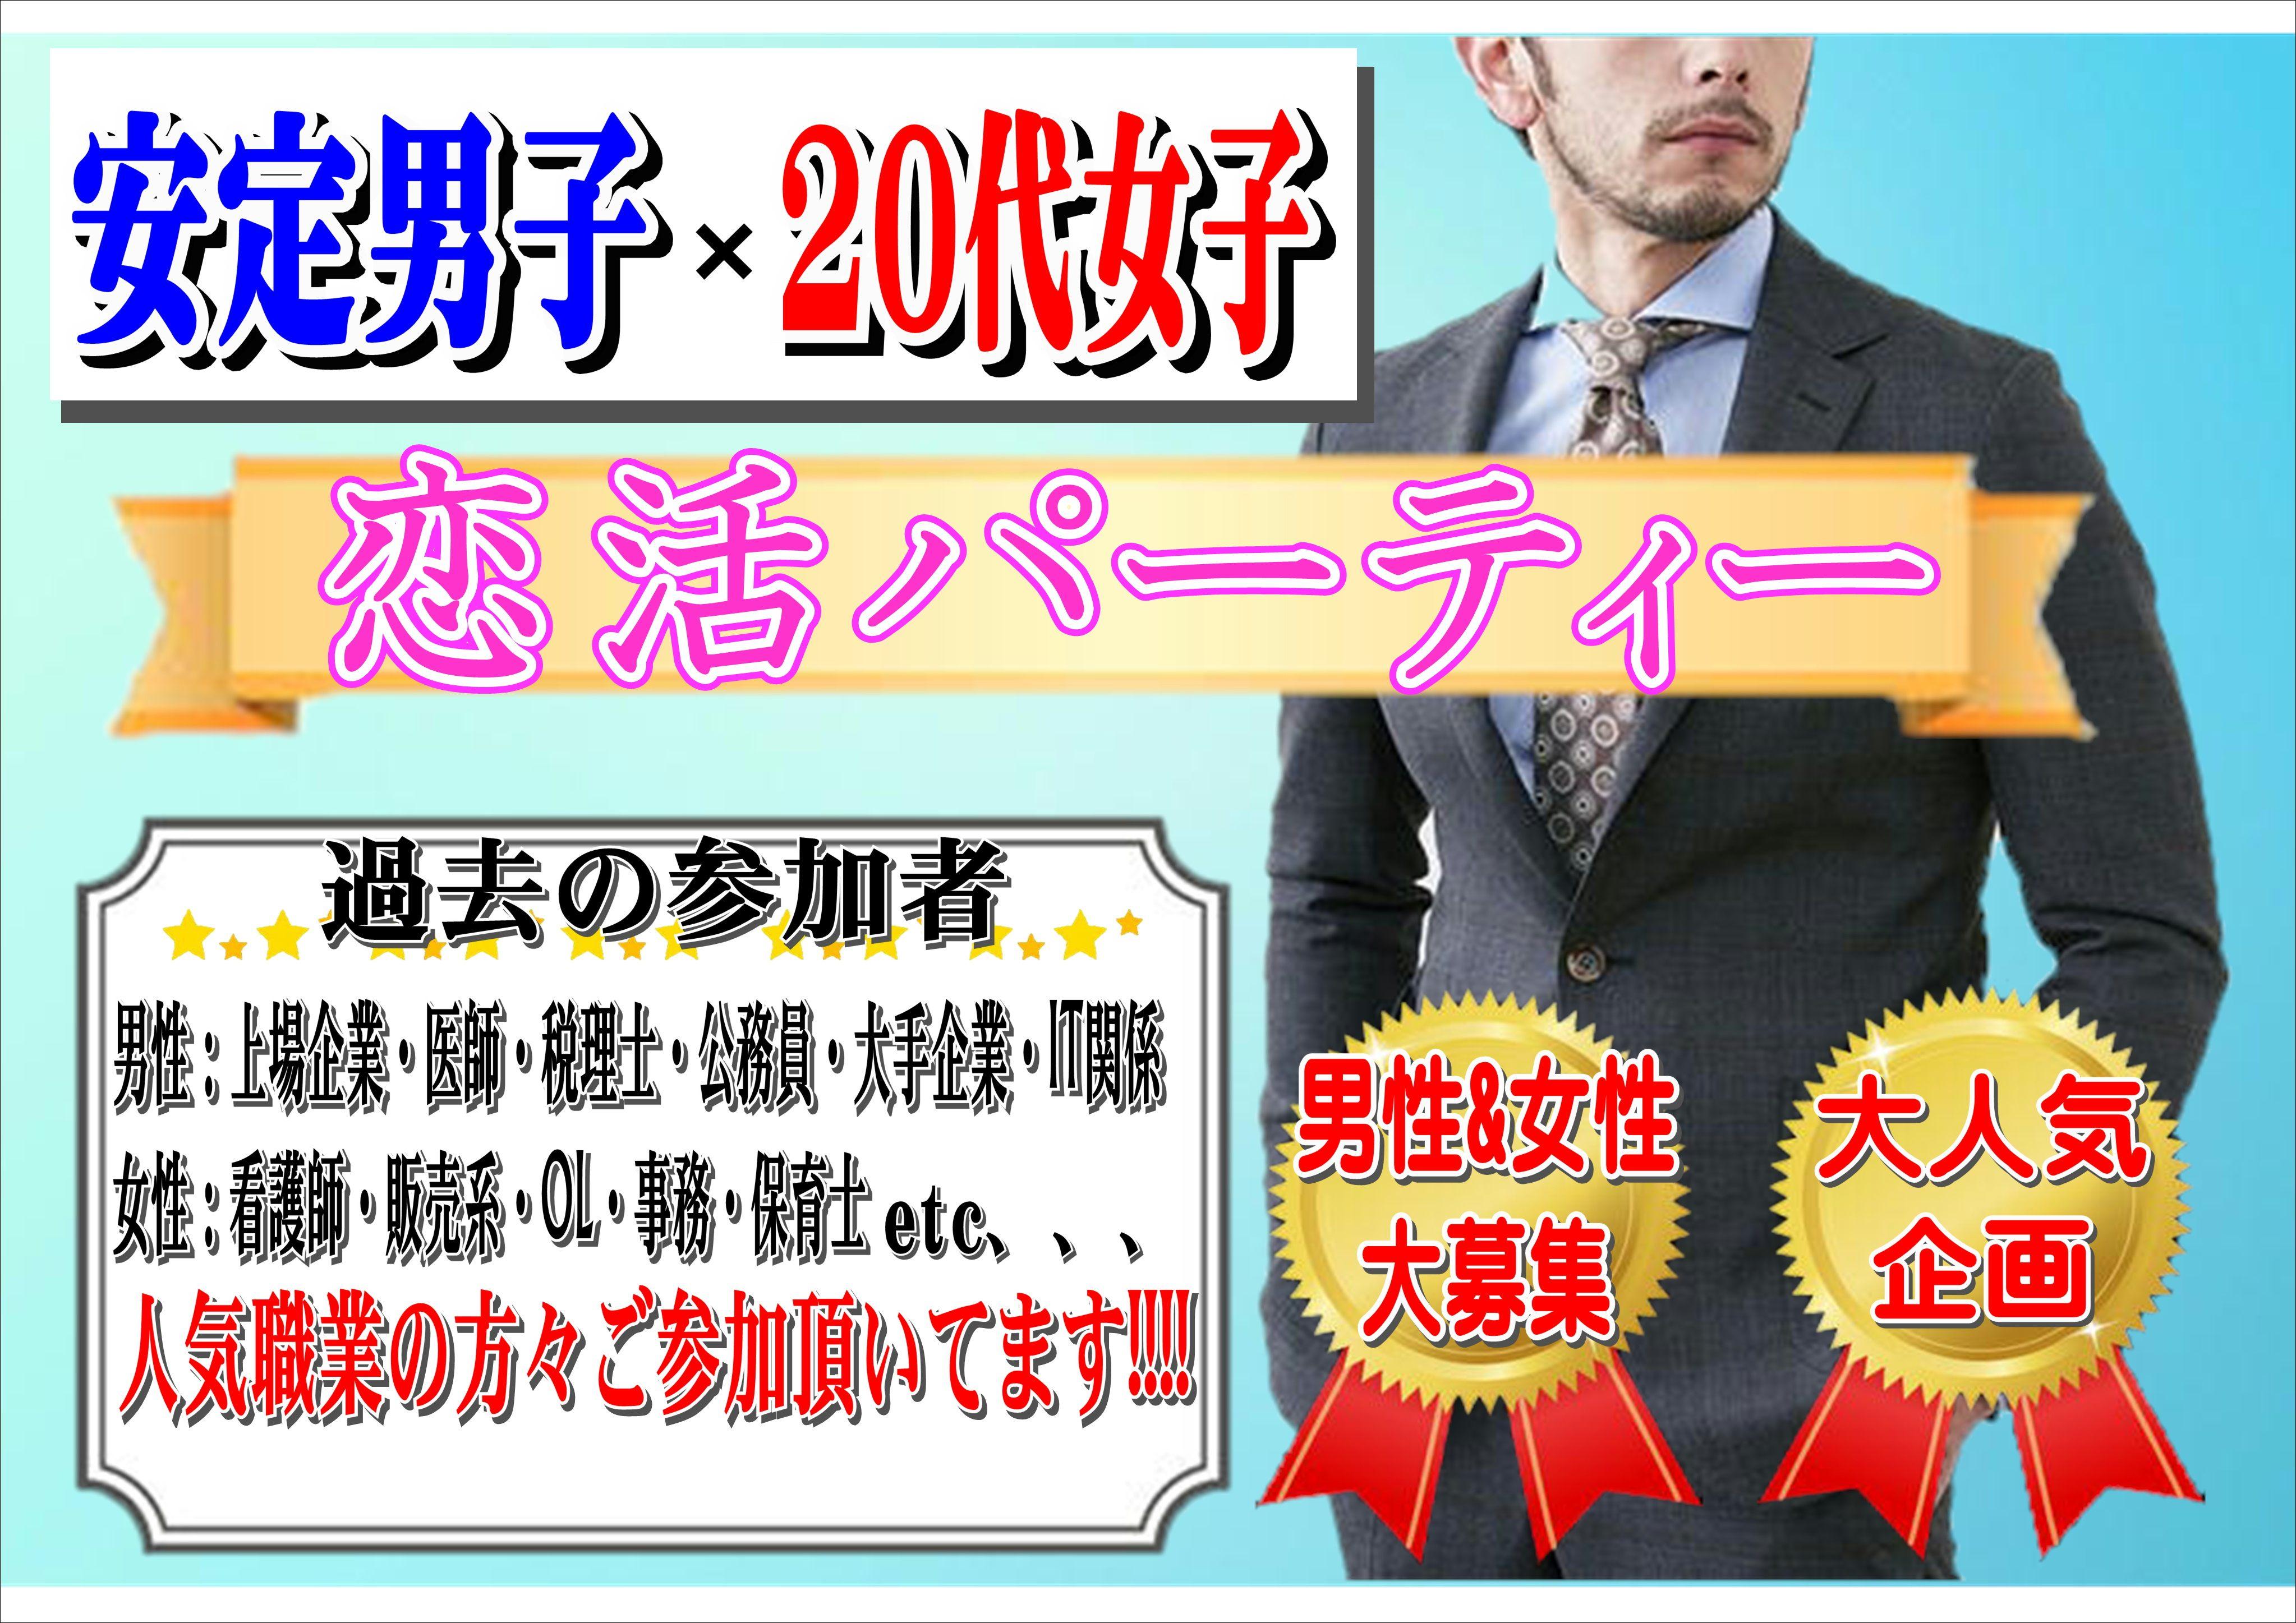 大人気イベント!!【安定男子】×【20代女子】恋活パーティ♪